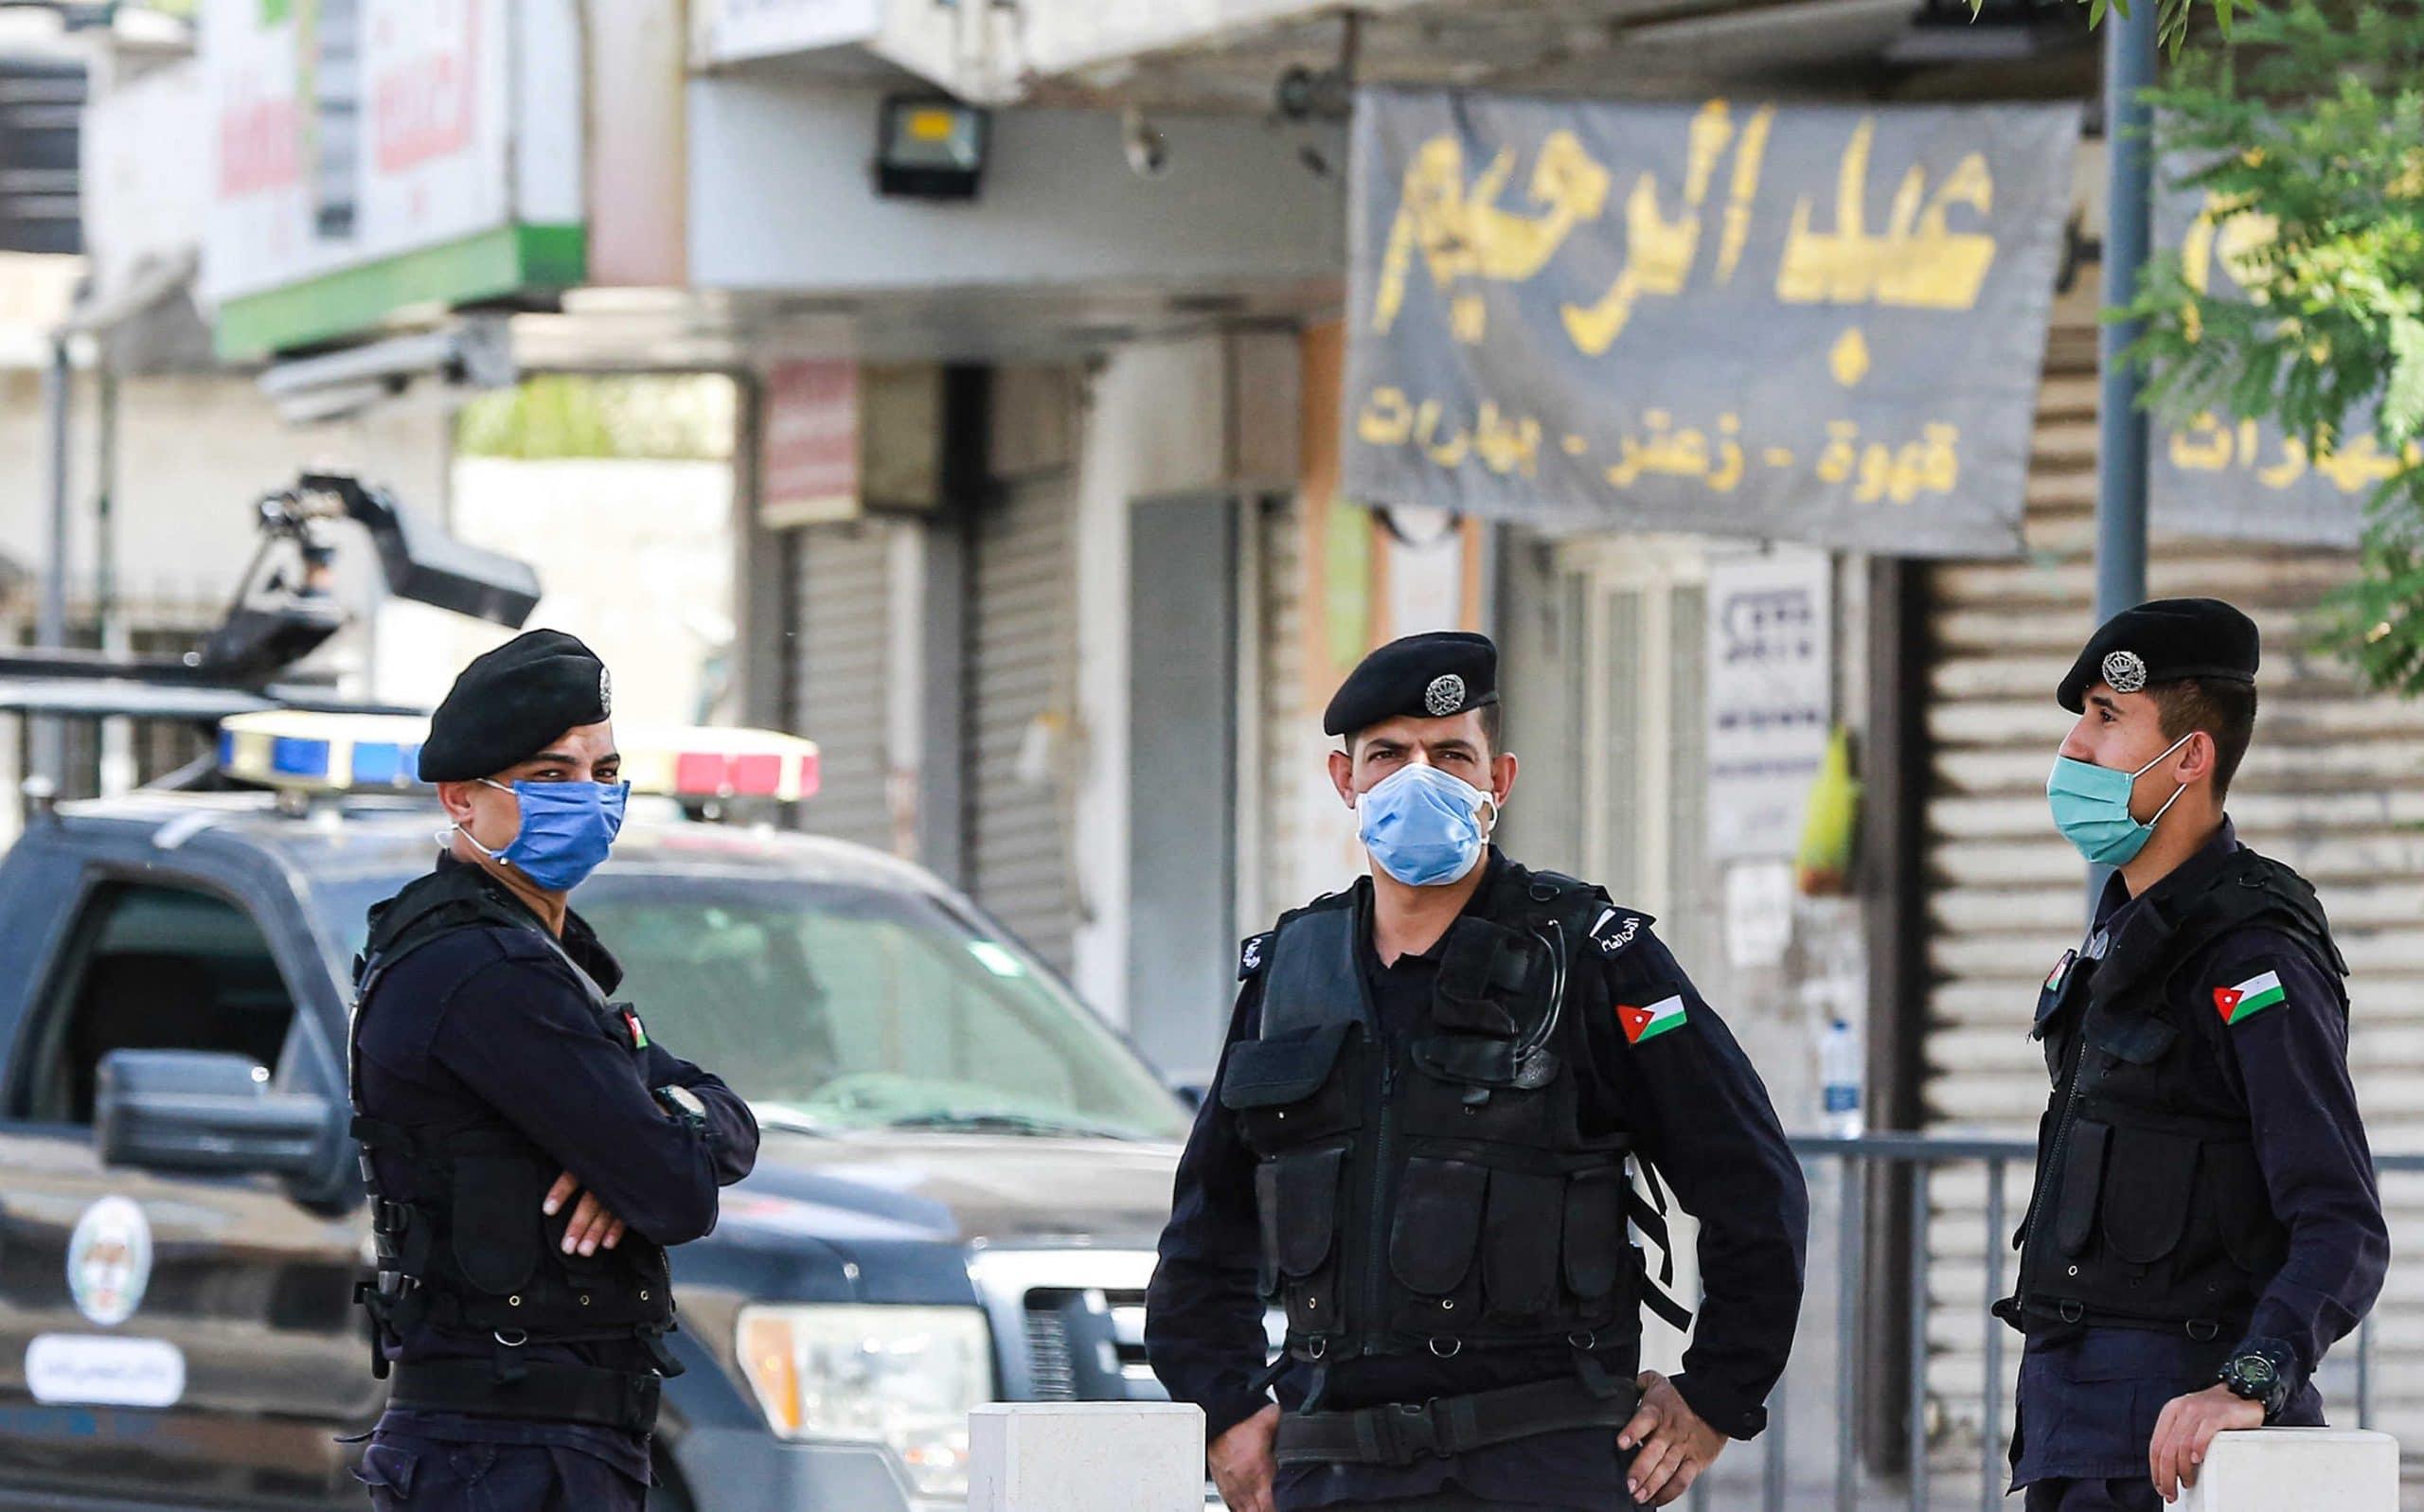 الأمن الأردني فتح تحقيقاً بوفاة شخص بعد تعرضه للطعن على يد شقيقتيه في العقبة